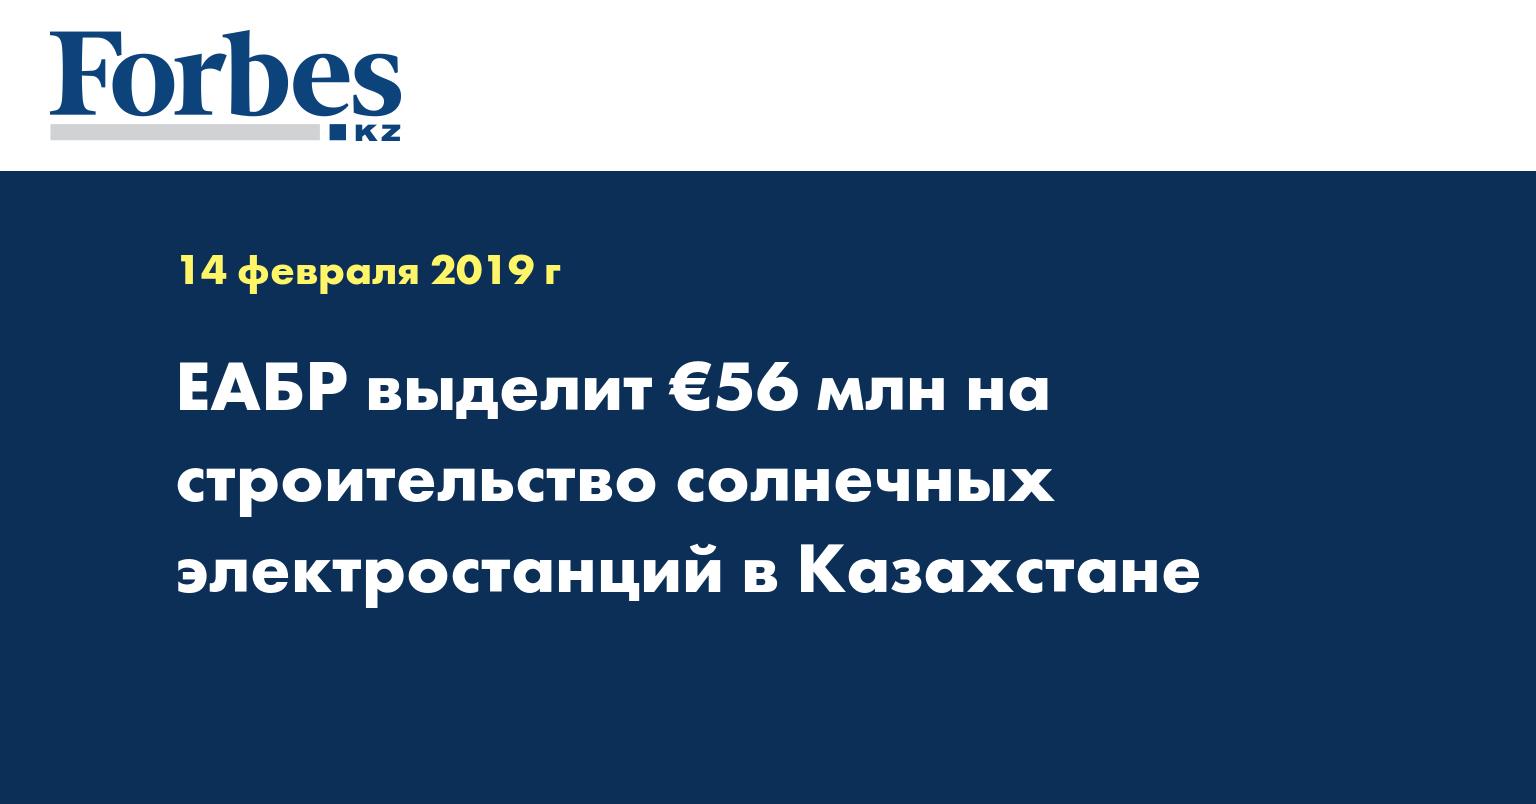 ЕАБР выделит €56 млн на строительство солнечных электростанций в Казахстане